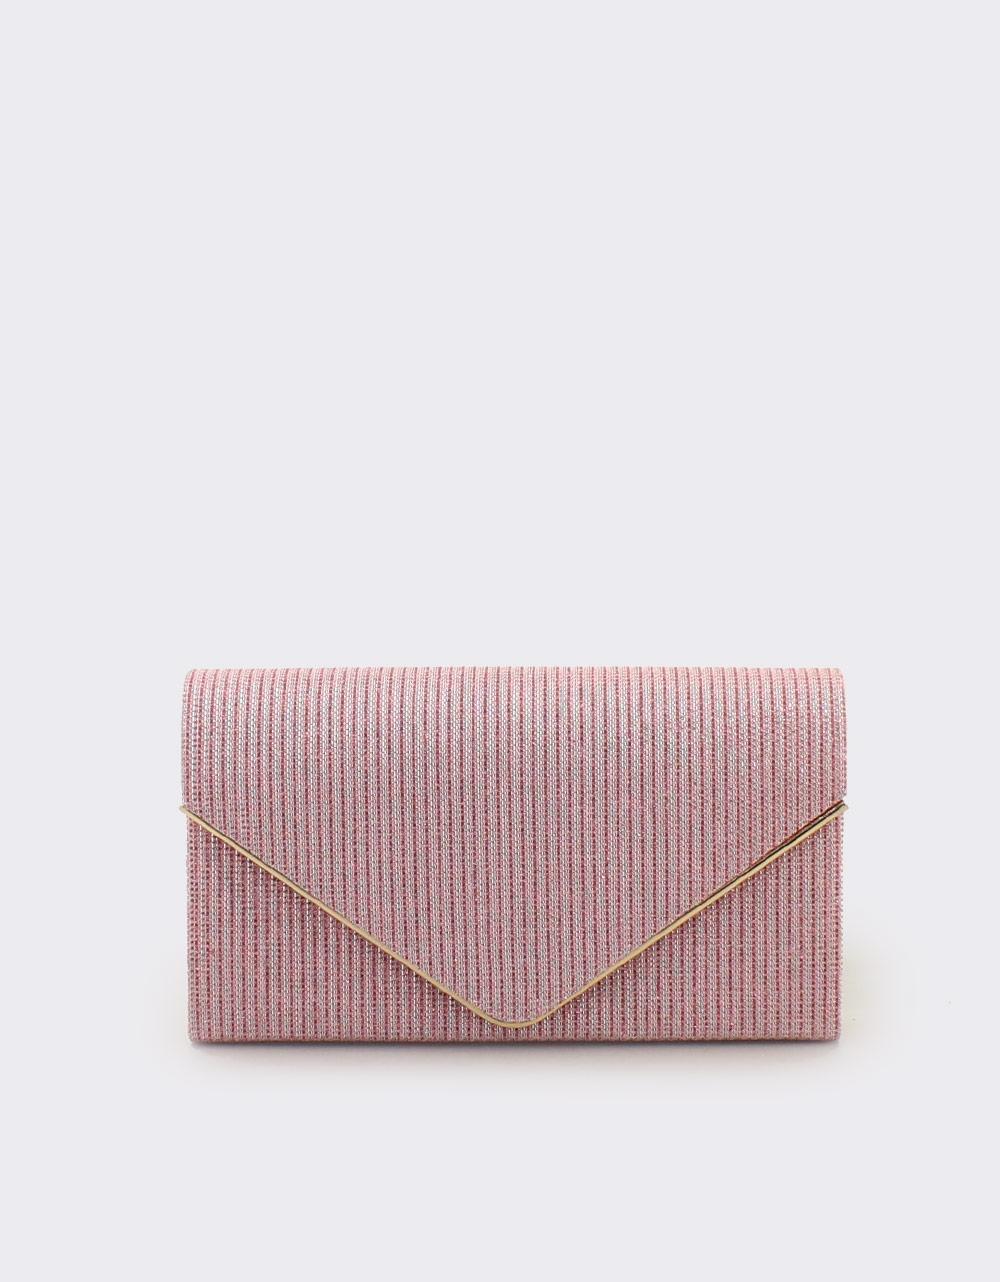 Εικόνα από Γυναικείοι φάκελοι μεταλλιζέ με τριγωνικό καπάκι Ροζ